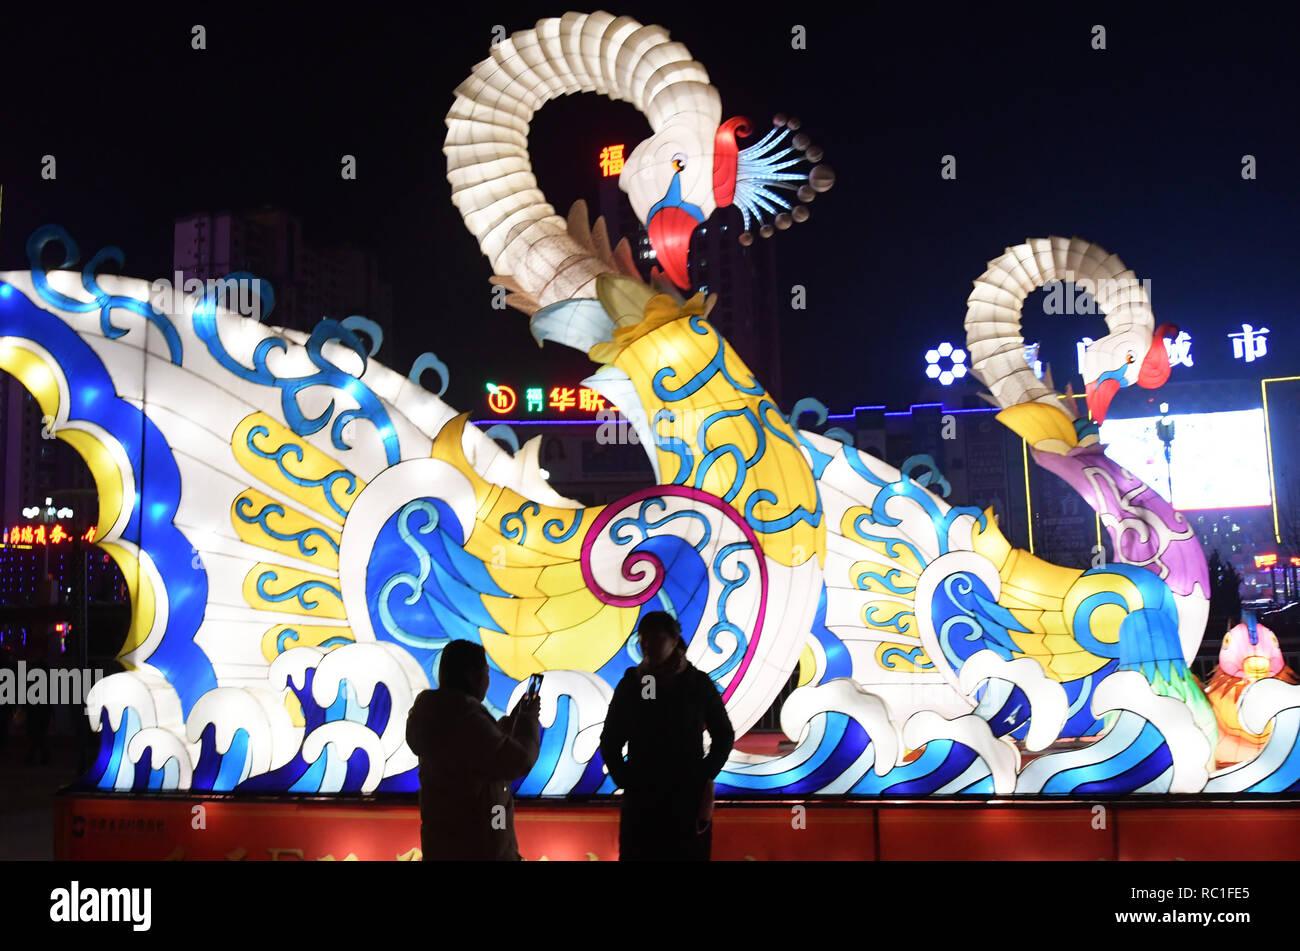 Linxia, la Cina della provincia di Gansu. Xii gen, 2019. Vista turisti lampioncini colorati durante una festa delle lanterne per la prossima festa di primavera, che inizia a decorrere dal primo giorno del primo mese del calendario lunare cinese o il 5 febbraio di quest'anno, a waterfront park in Liujiaxia township di Yongjing County, a nord-ovest della Cina di Provincia di Gansu, Gennaio 12, 2019. Credito: Shi Youdong/Xinhua/Alamy Live News Immagini Stock